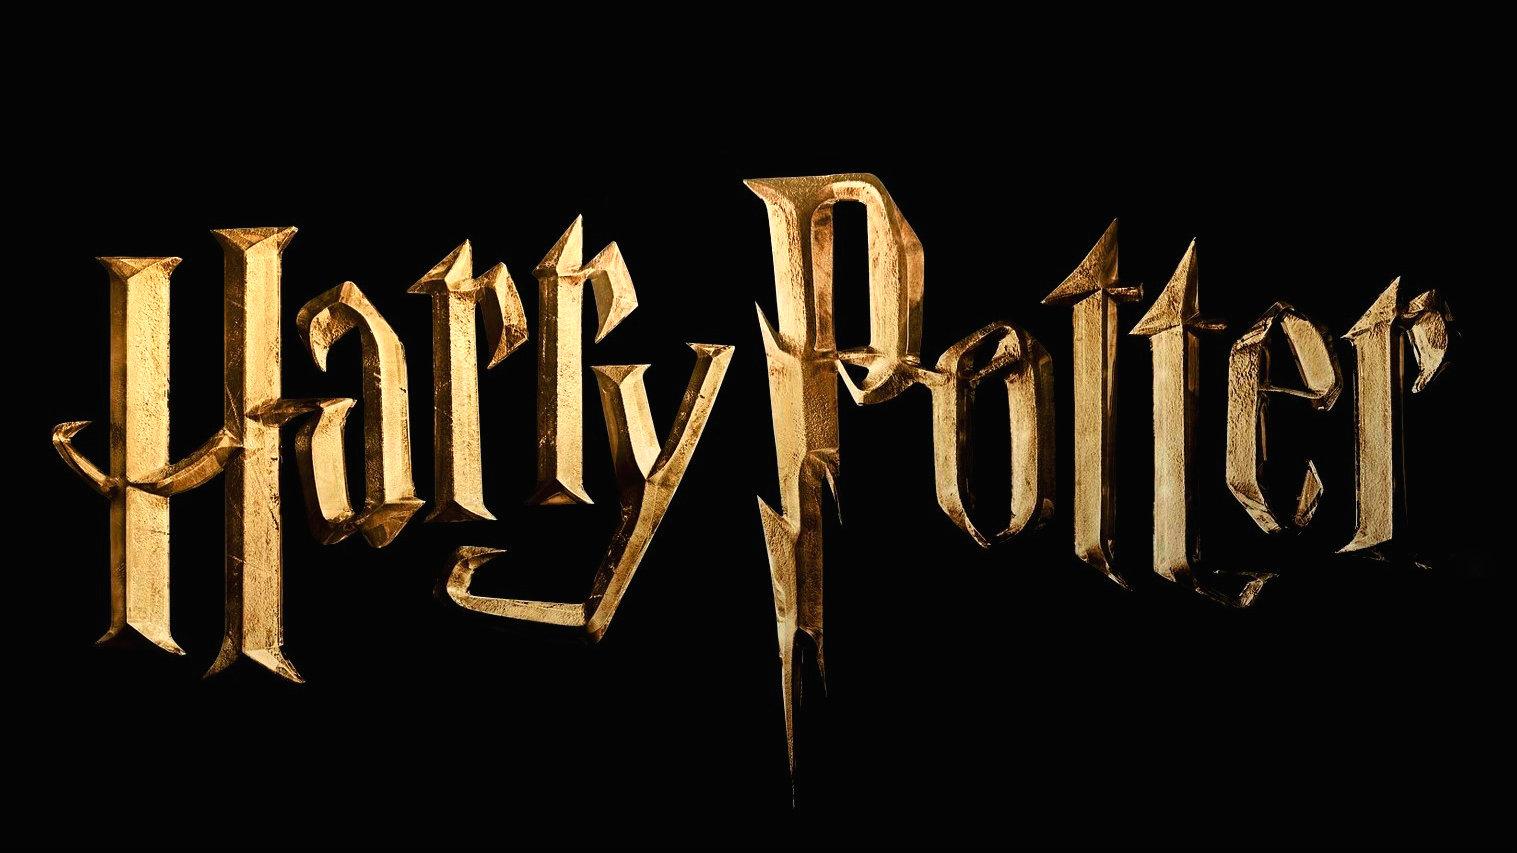 Harry potter: i libri della saga di j.k rowling da leggere